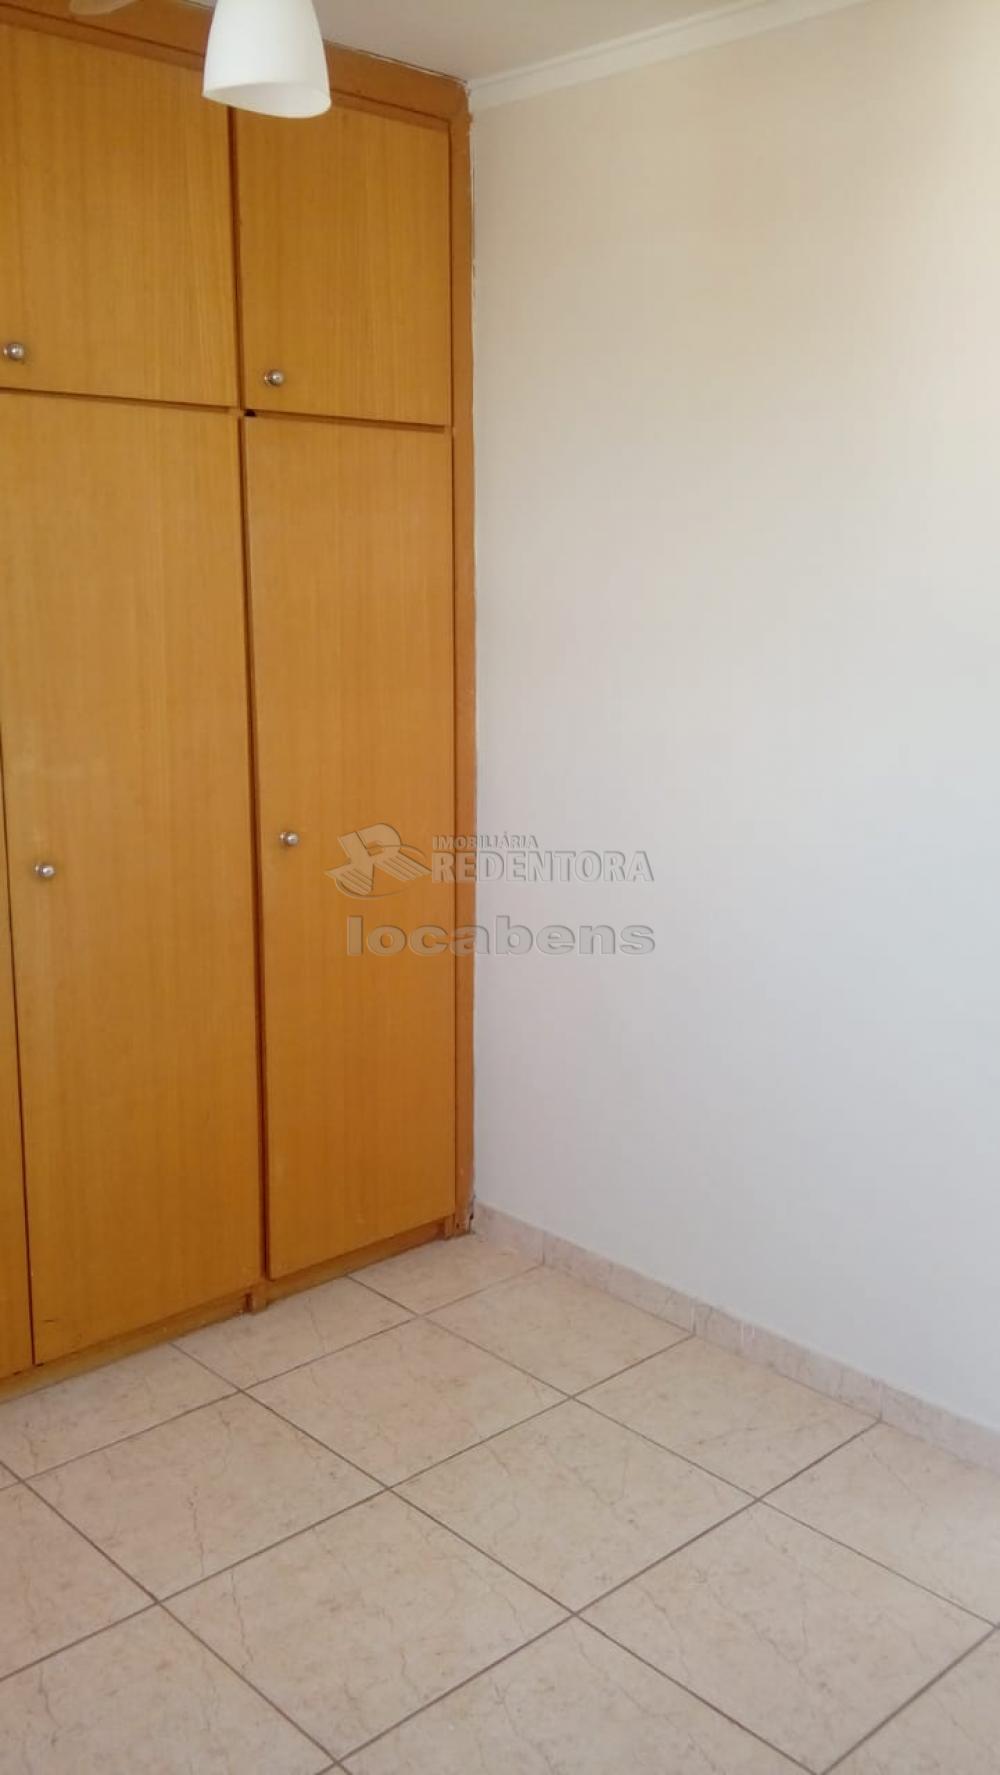 Comprar Apartamento / Padrão em São José do Rio Preto R$ 145.000,00 - Foto 9